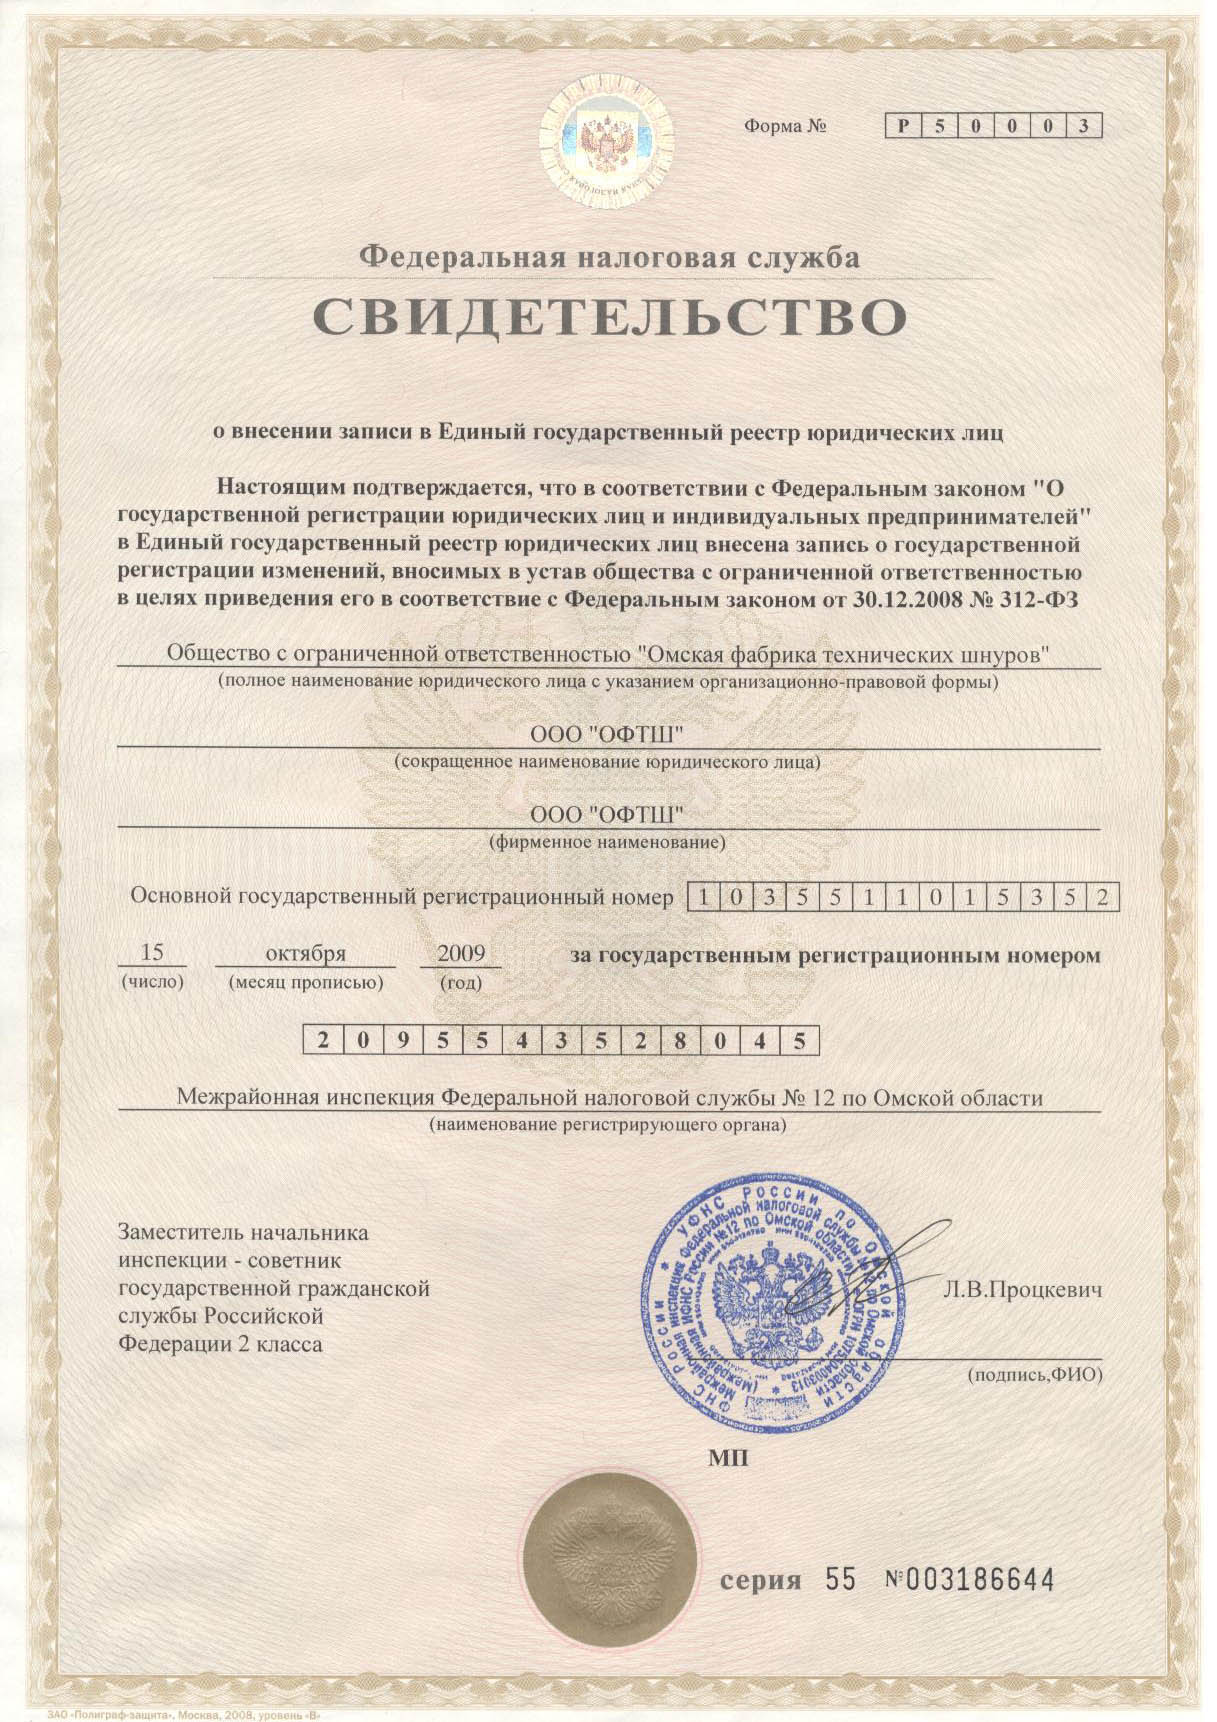 Внесение изменений в единый государственный реестр ип